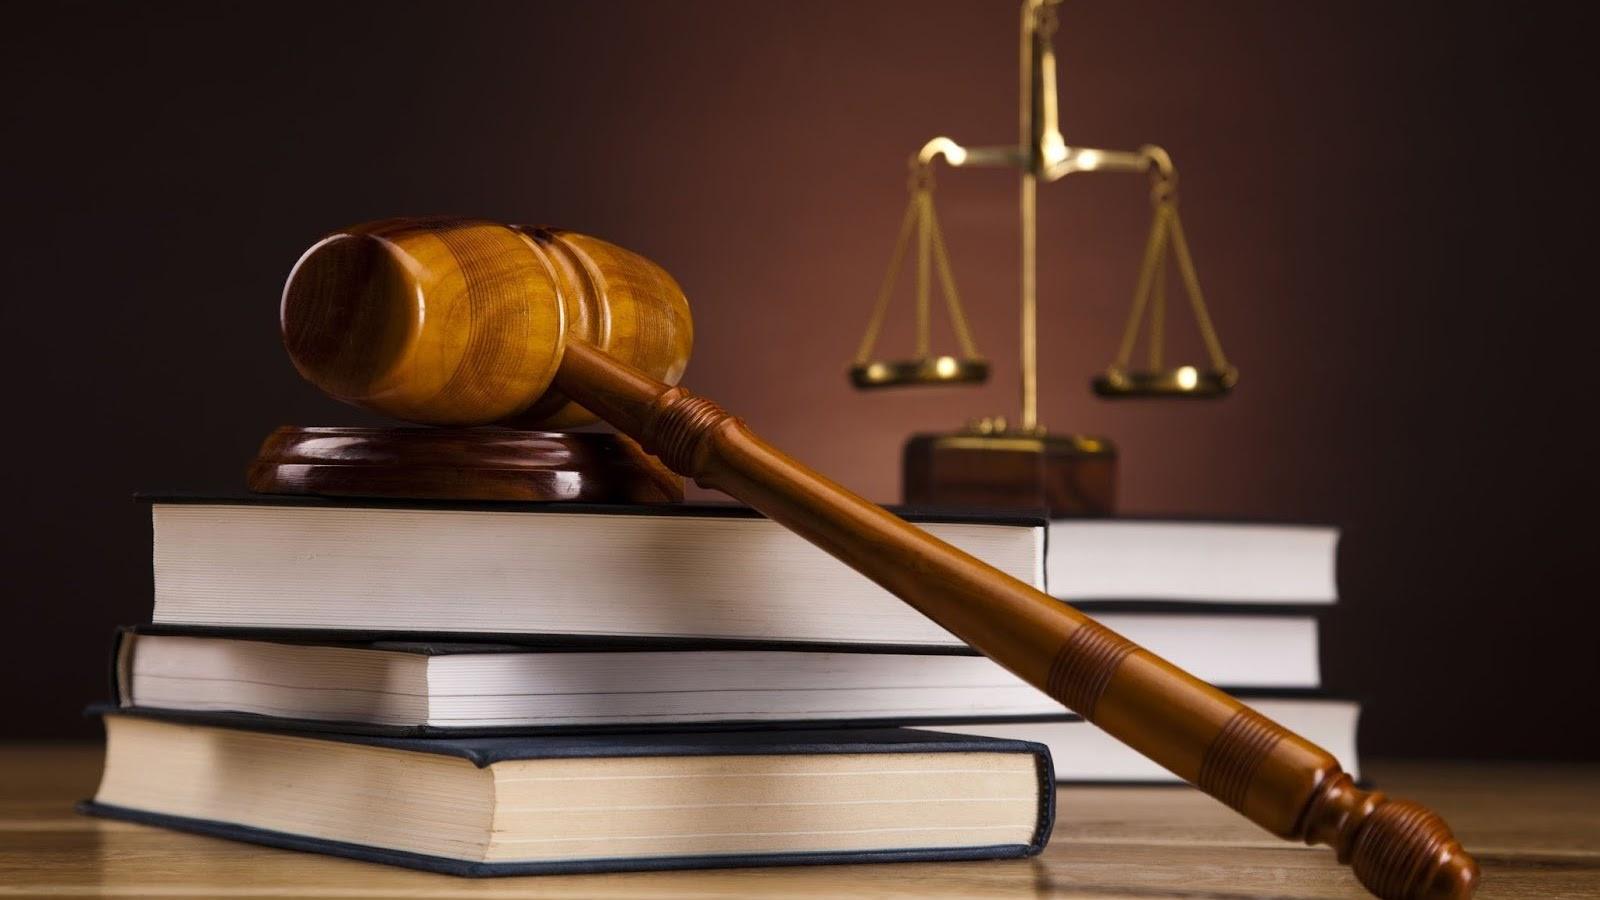 Pengertian Hukum Adalah: Unsur, Ciri Fungsi Dan Tujuan Hukum